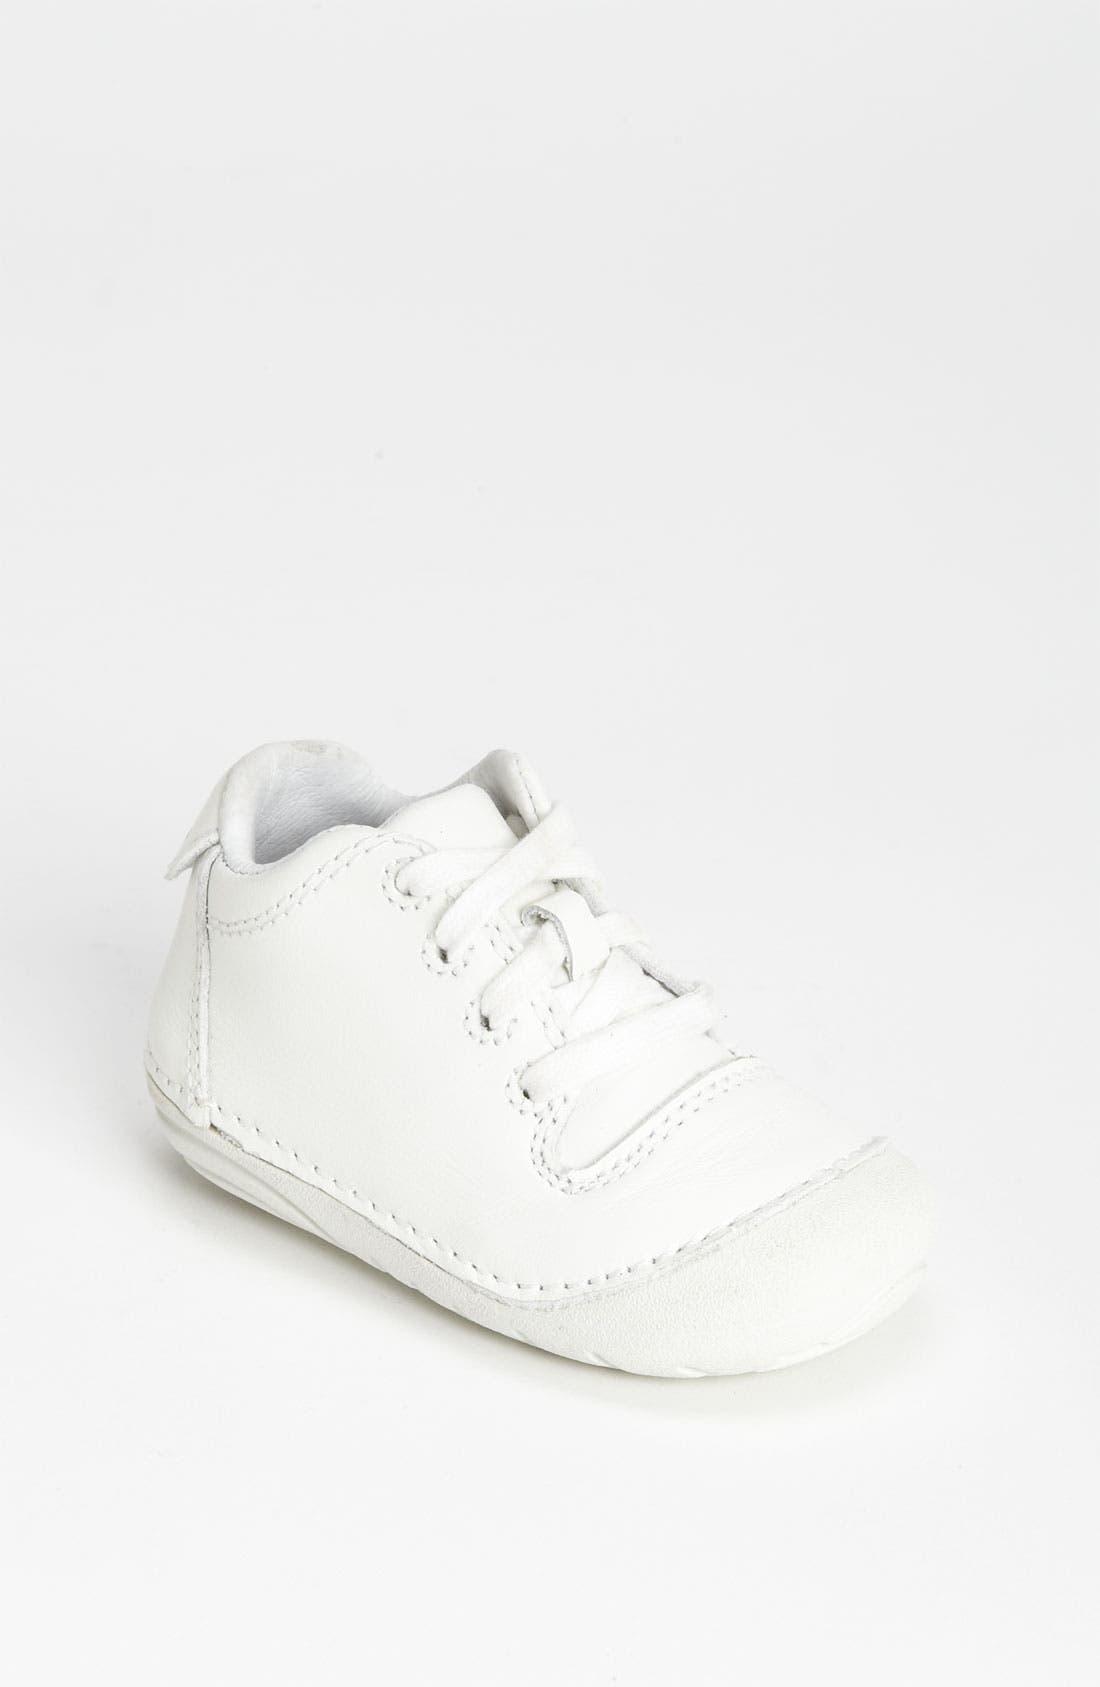 Alternate Image 1 Selected - Stride Rite 'Freddie' Sneaker (Baby & Walker)